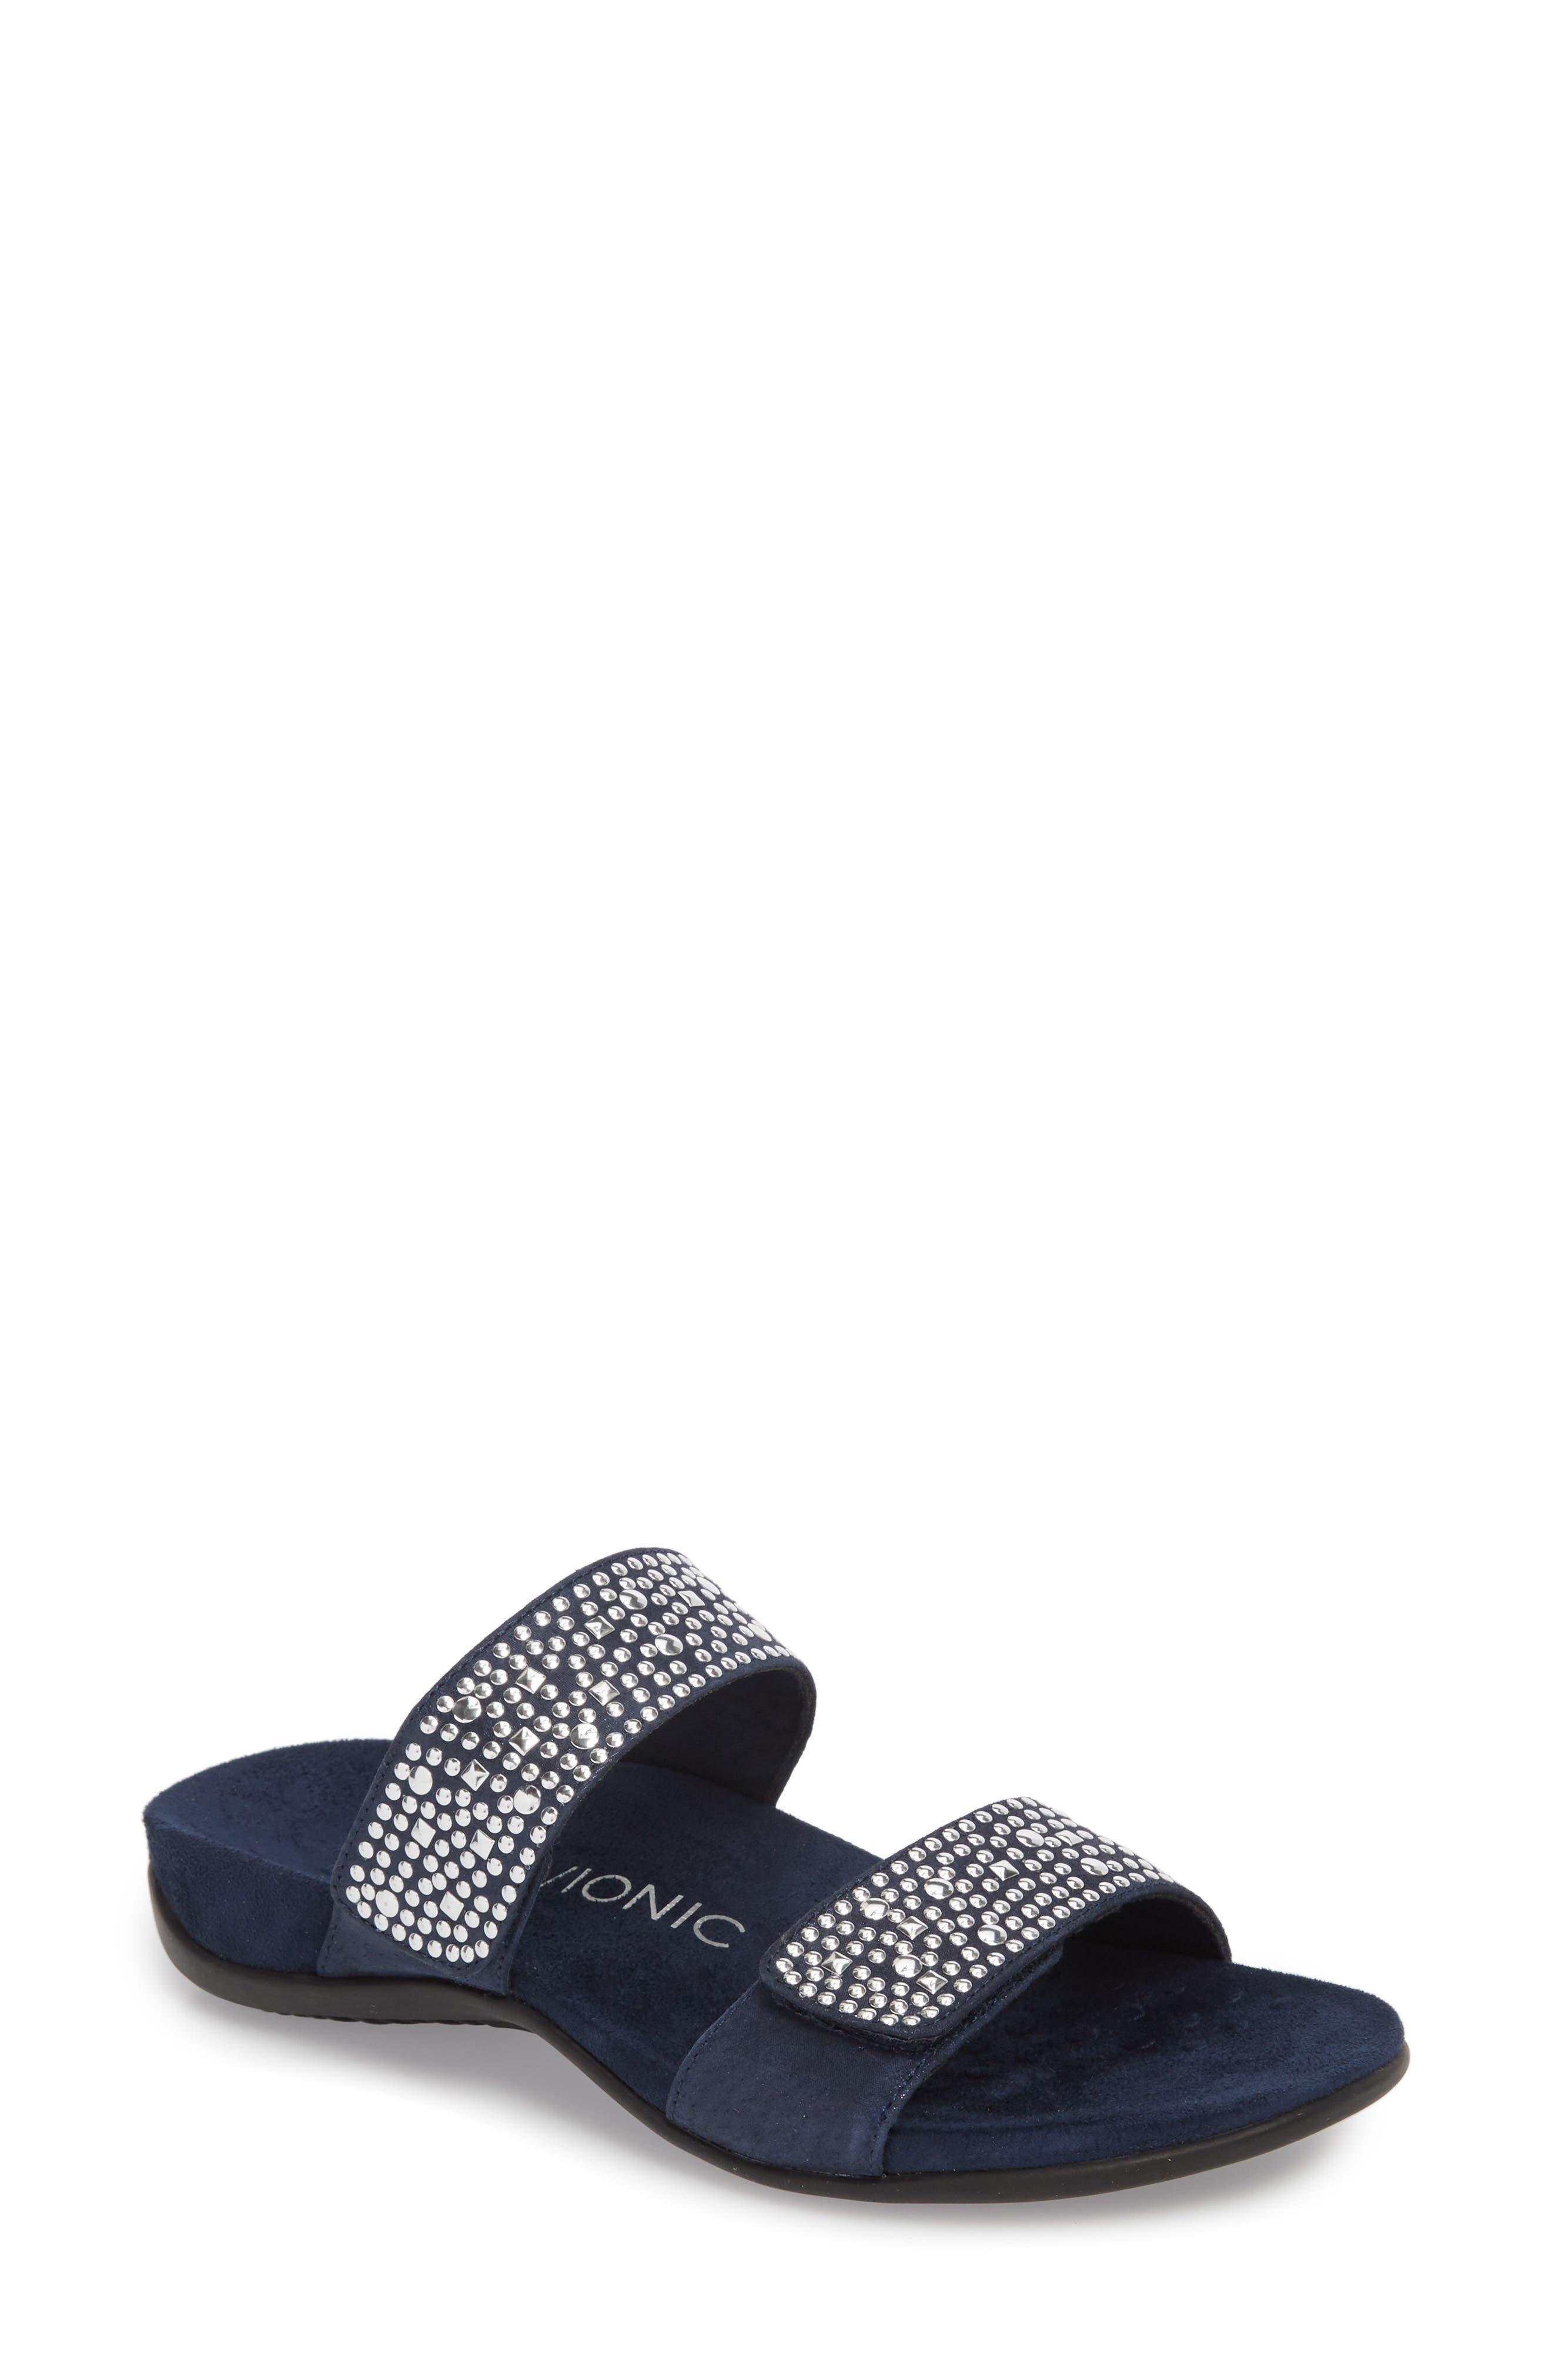 'Samoa' Sandal,                             Main thumbnail 1, color,                             Navy Suede